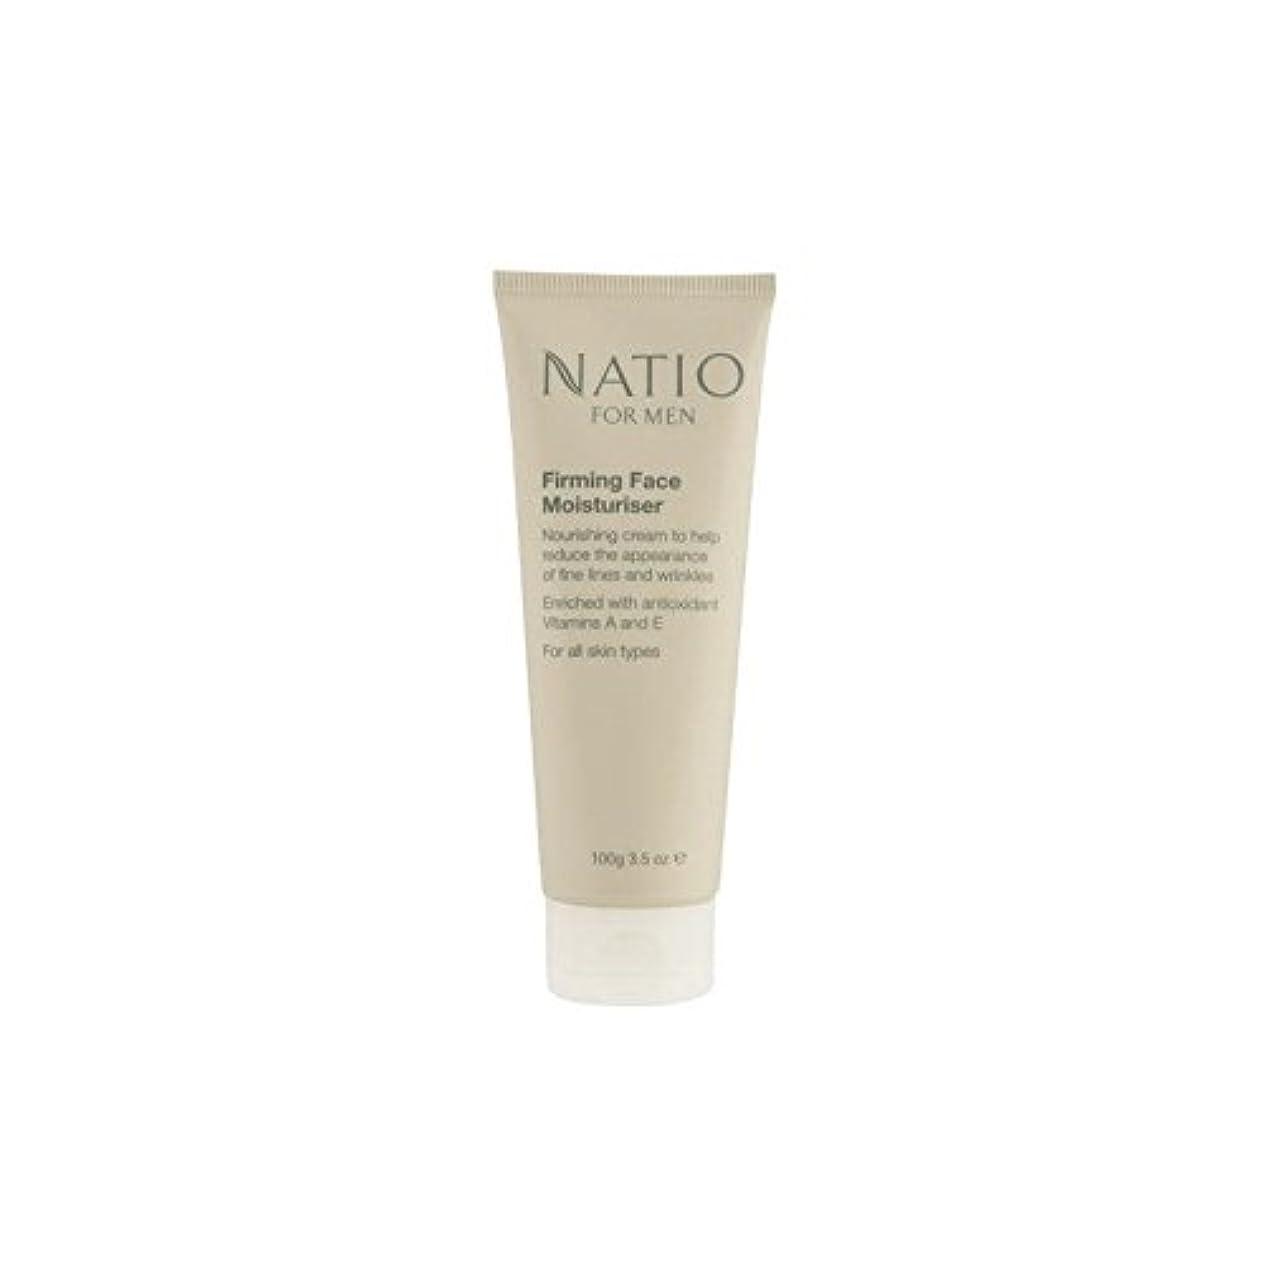 広告するシェーバー皮顔の保湿剤を引き締め男性のための(100グラム) x4 - Natio For Men Firming Face Moisturiser (100G) (Pack of 4) [並行輸入品]